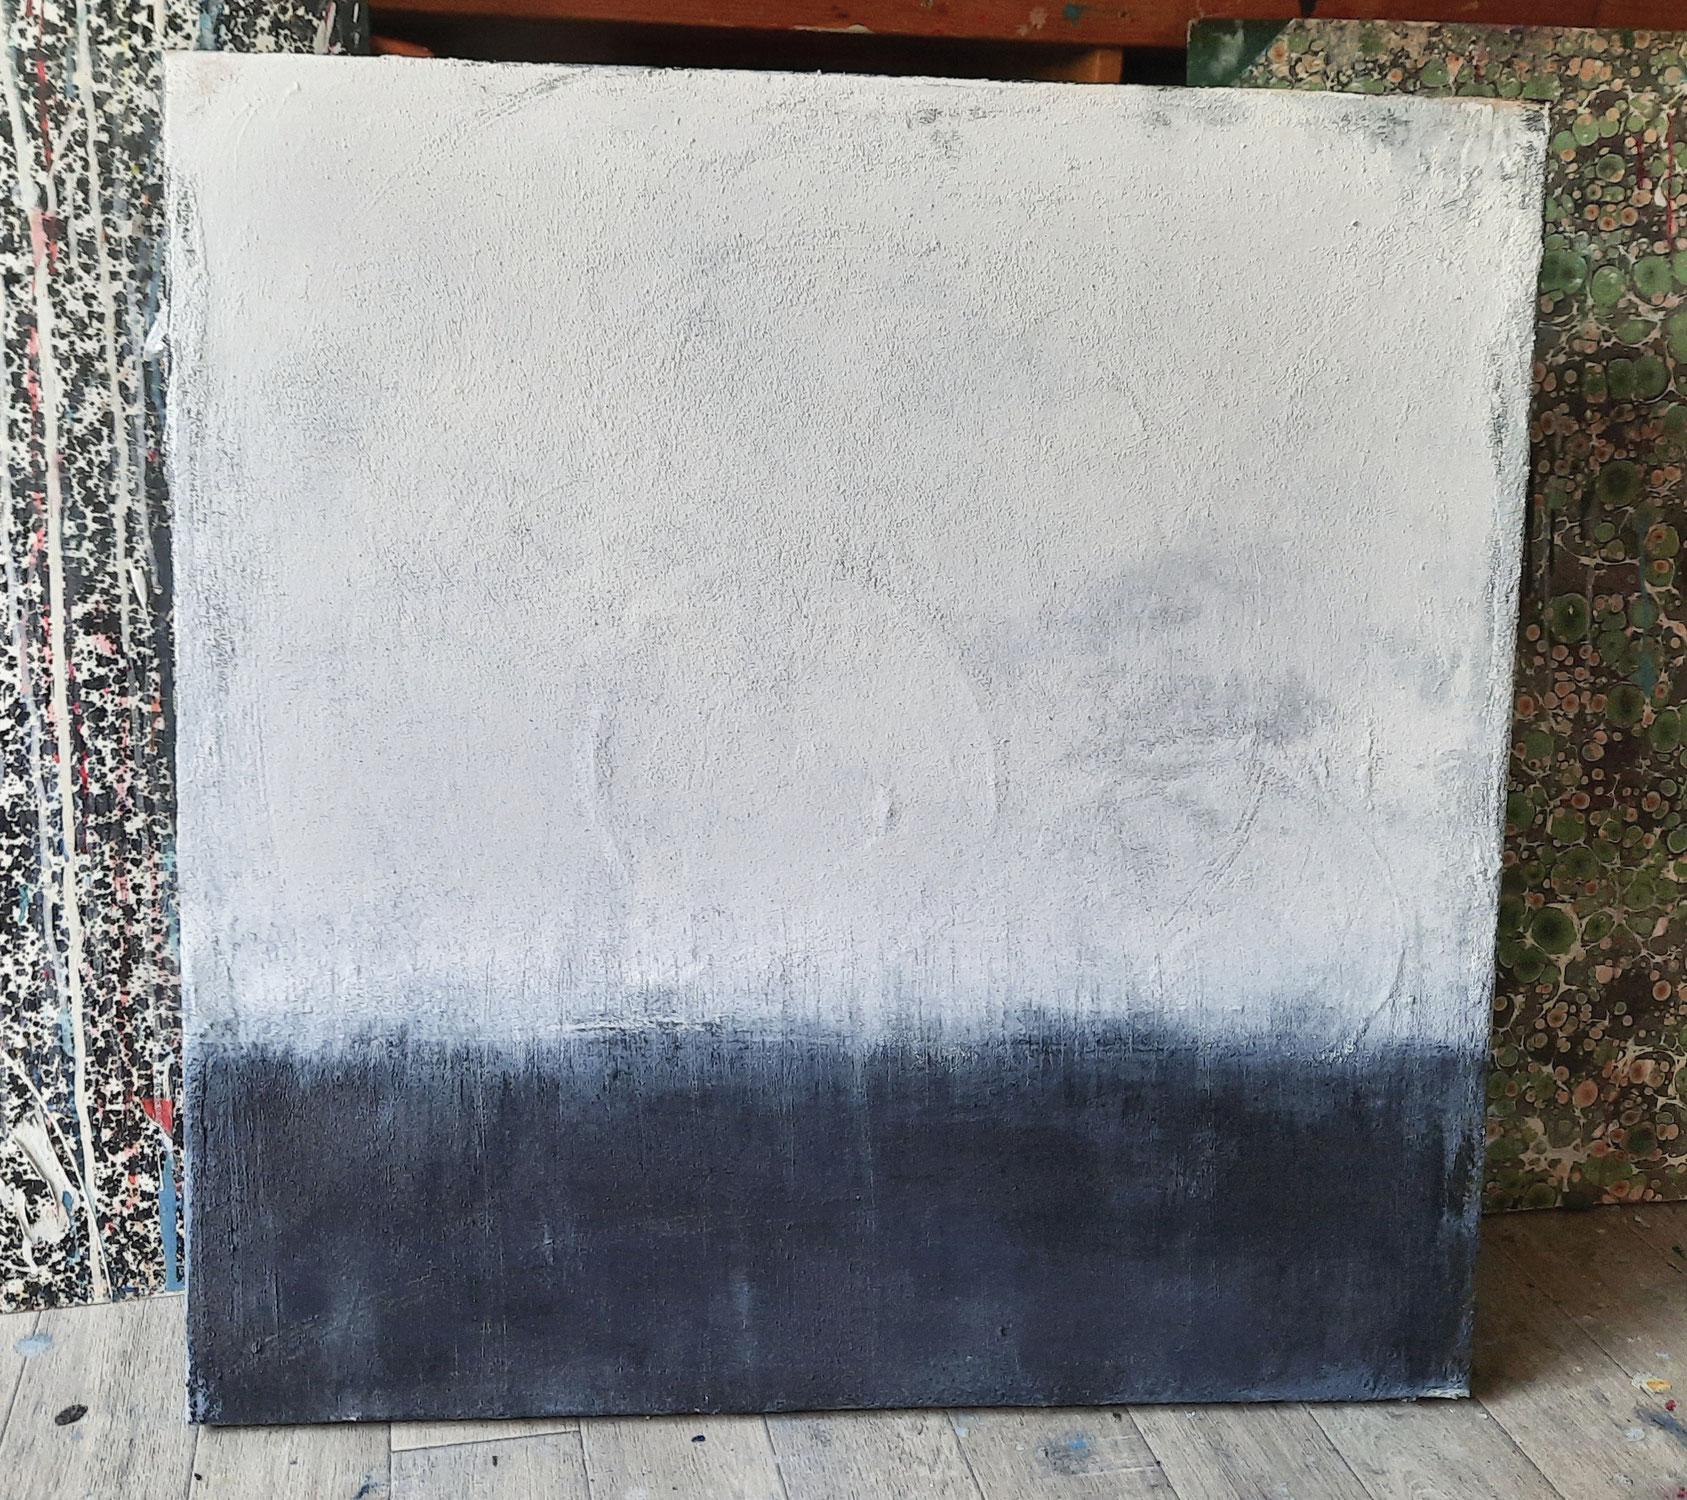 Abstraktes weißes Bild mit paynesgrau